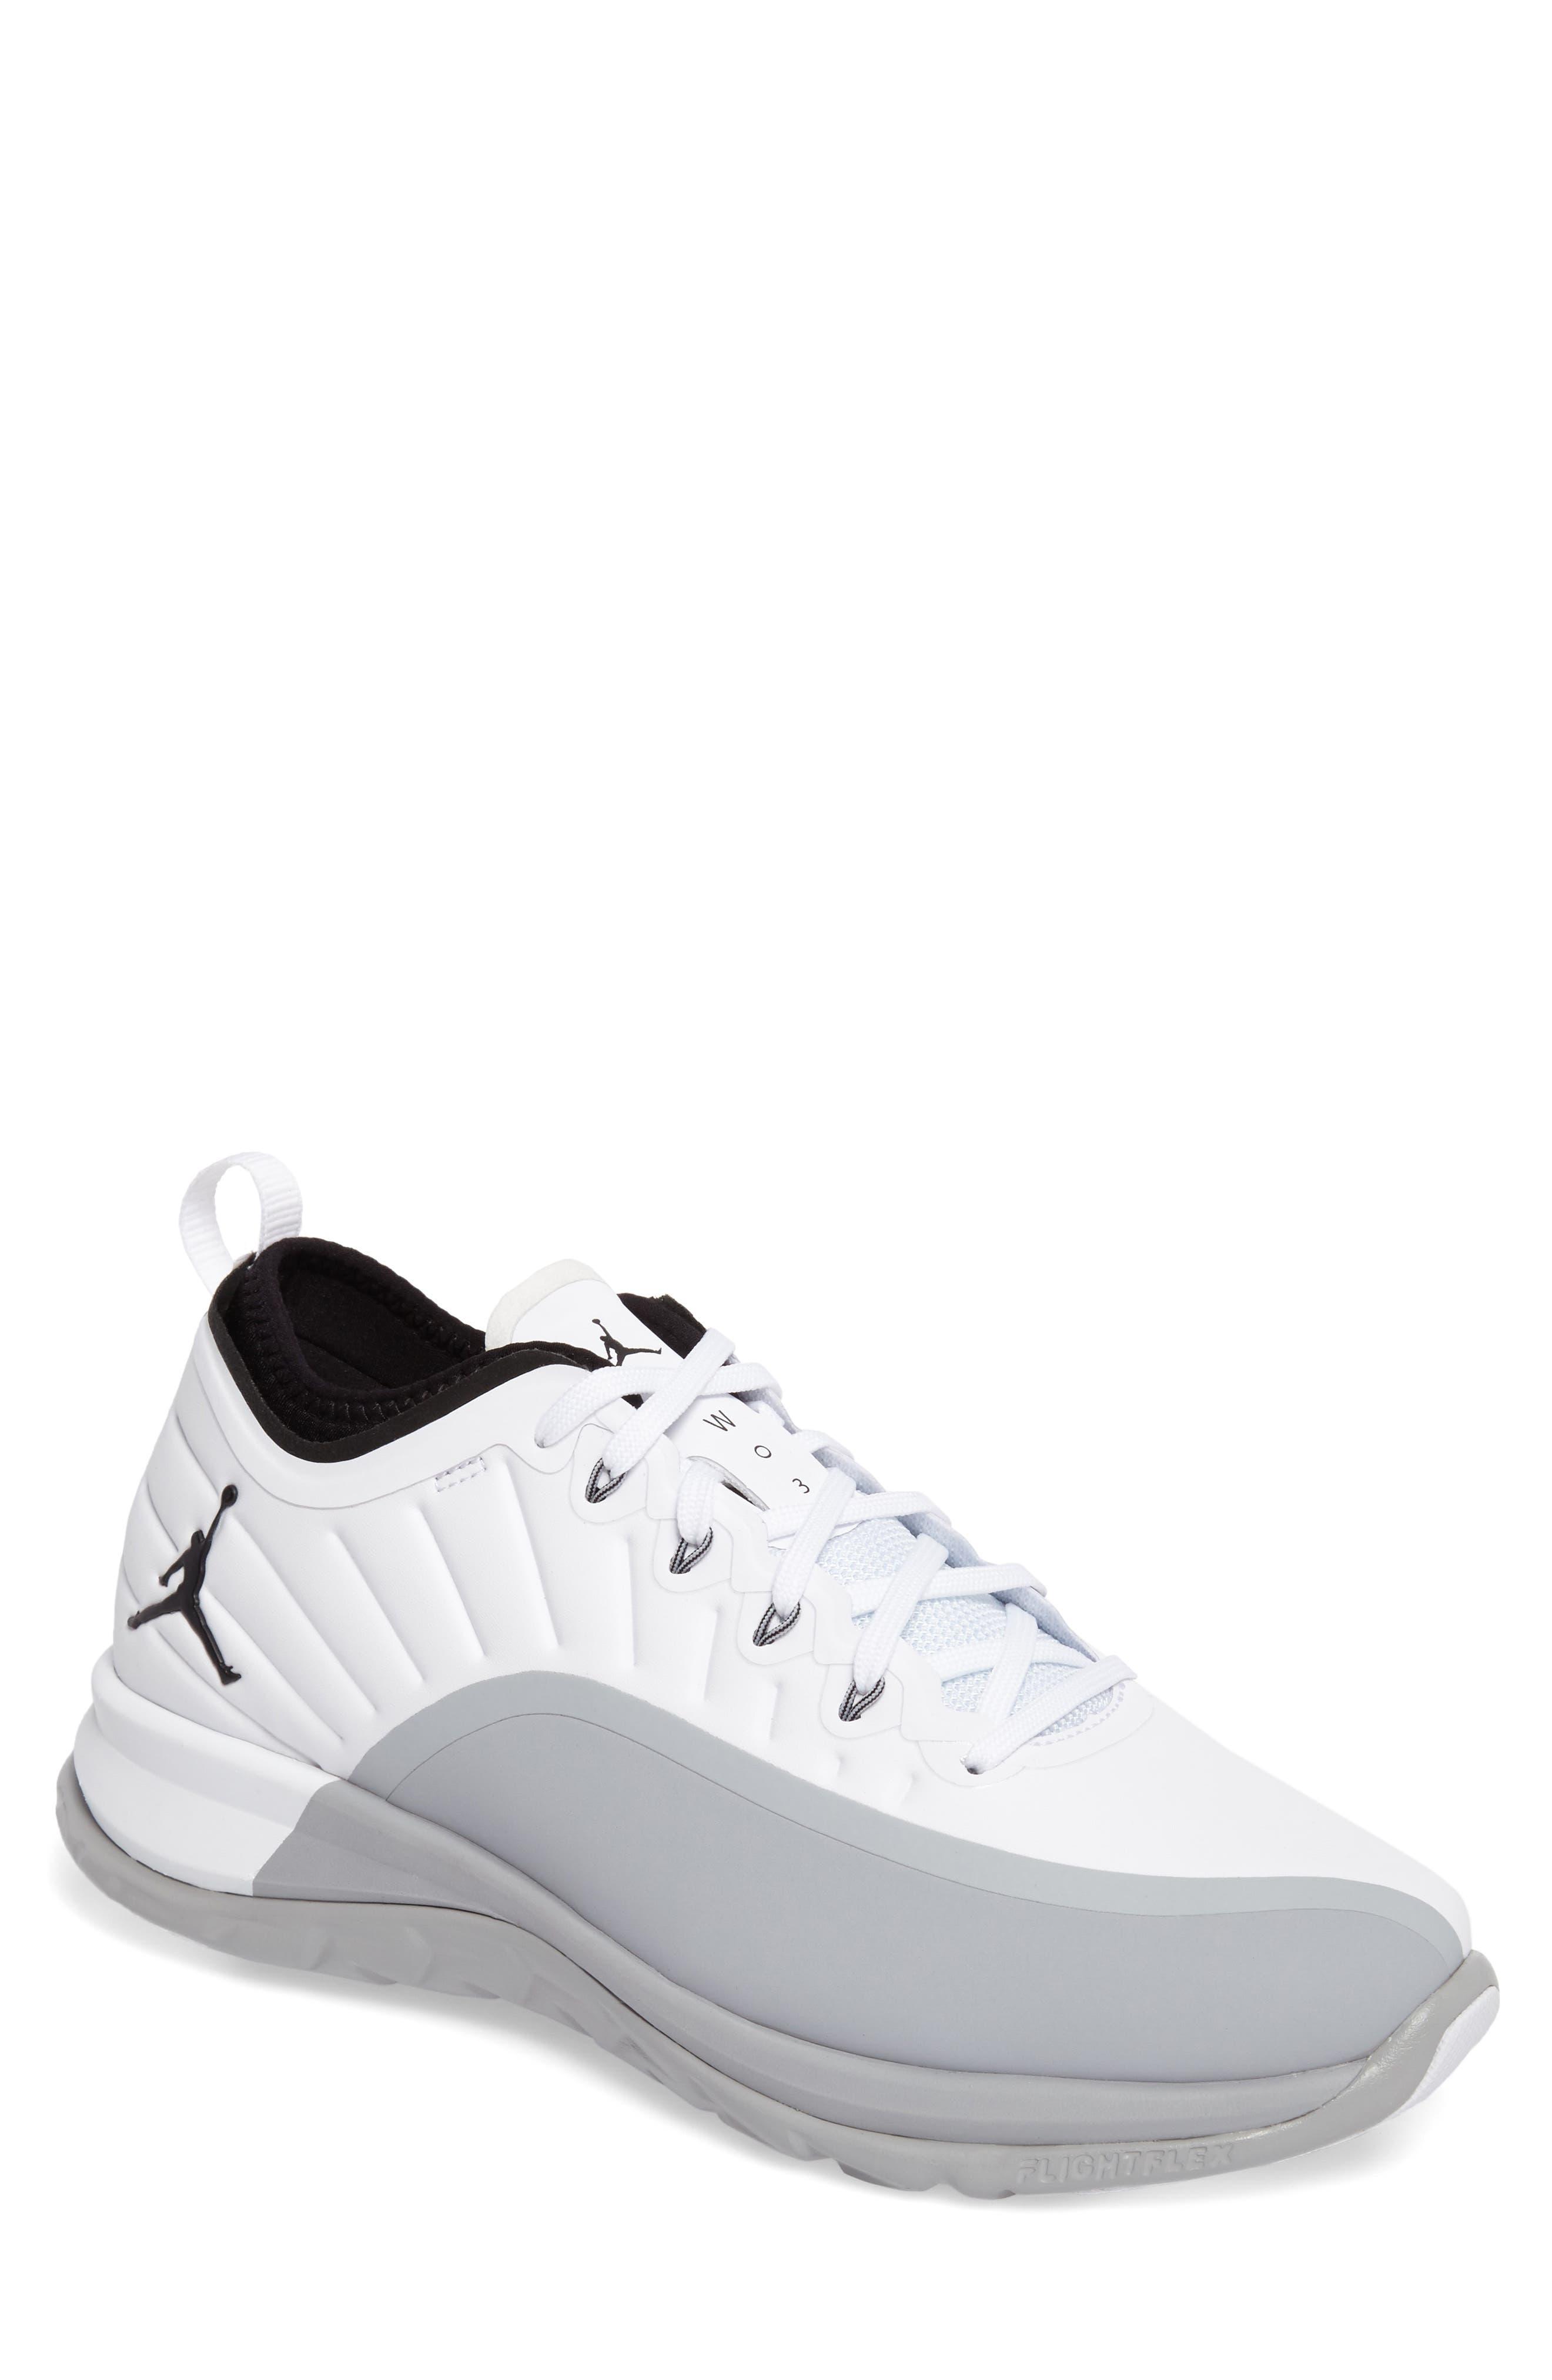 Main Image - Nike Jordan Trainer Prime Sneaker (Men)